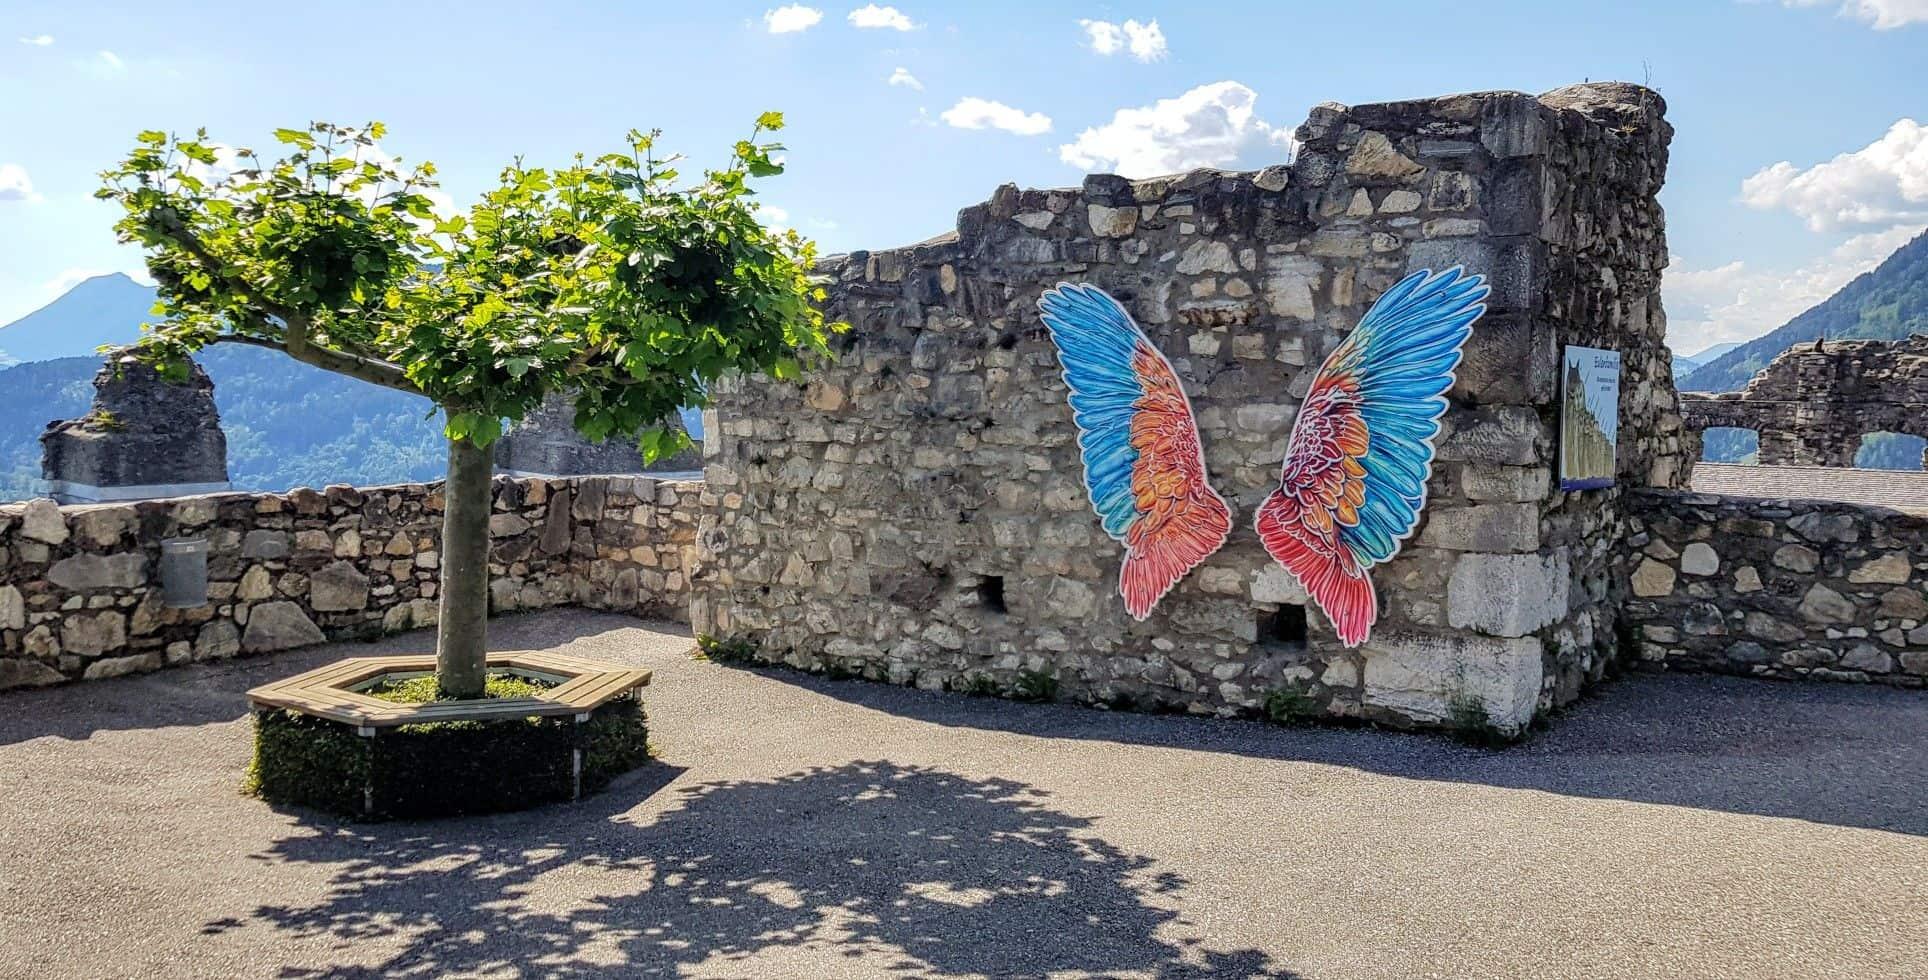 Fotowand mit Flügel in Burgruine Landskron bei Villach in Kärnten - Angebot der Adlerarena